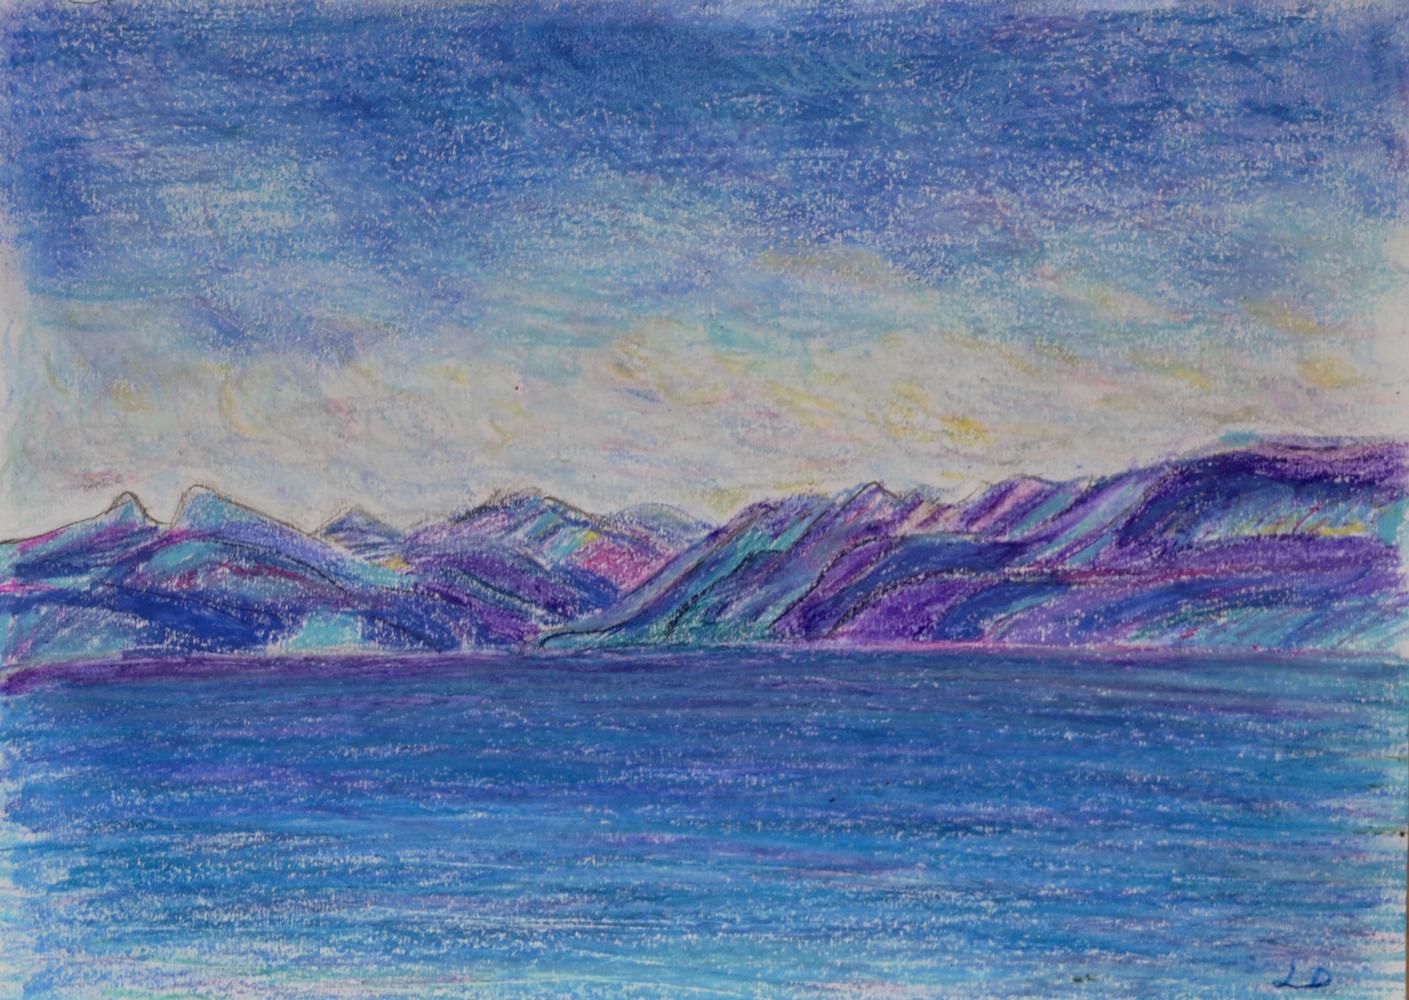 Lac Léman, St Prex no. 8. Pastel à la cire sur papier, 21x30, 2018